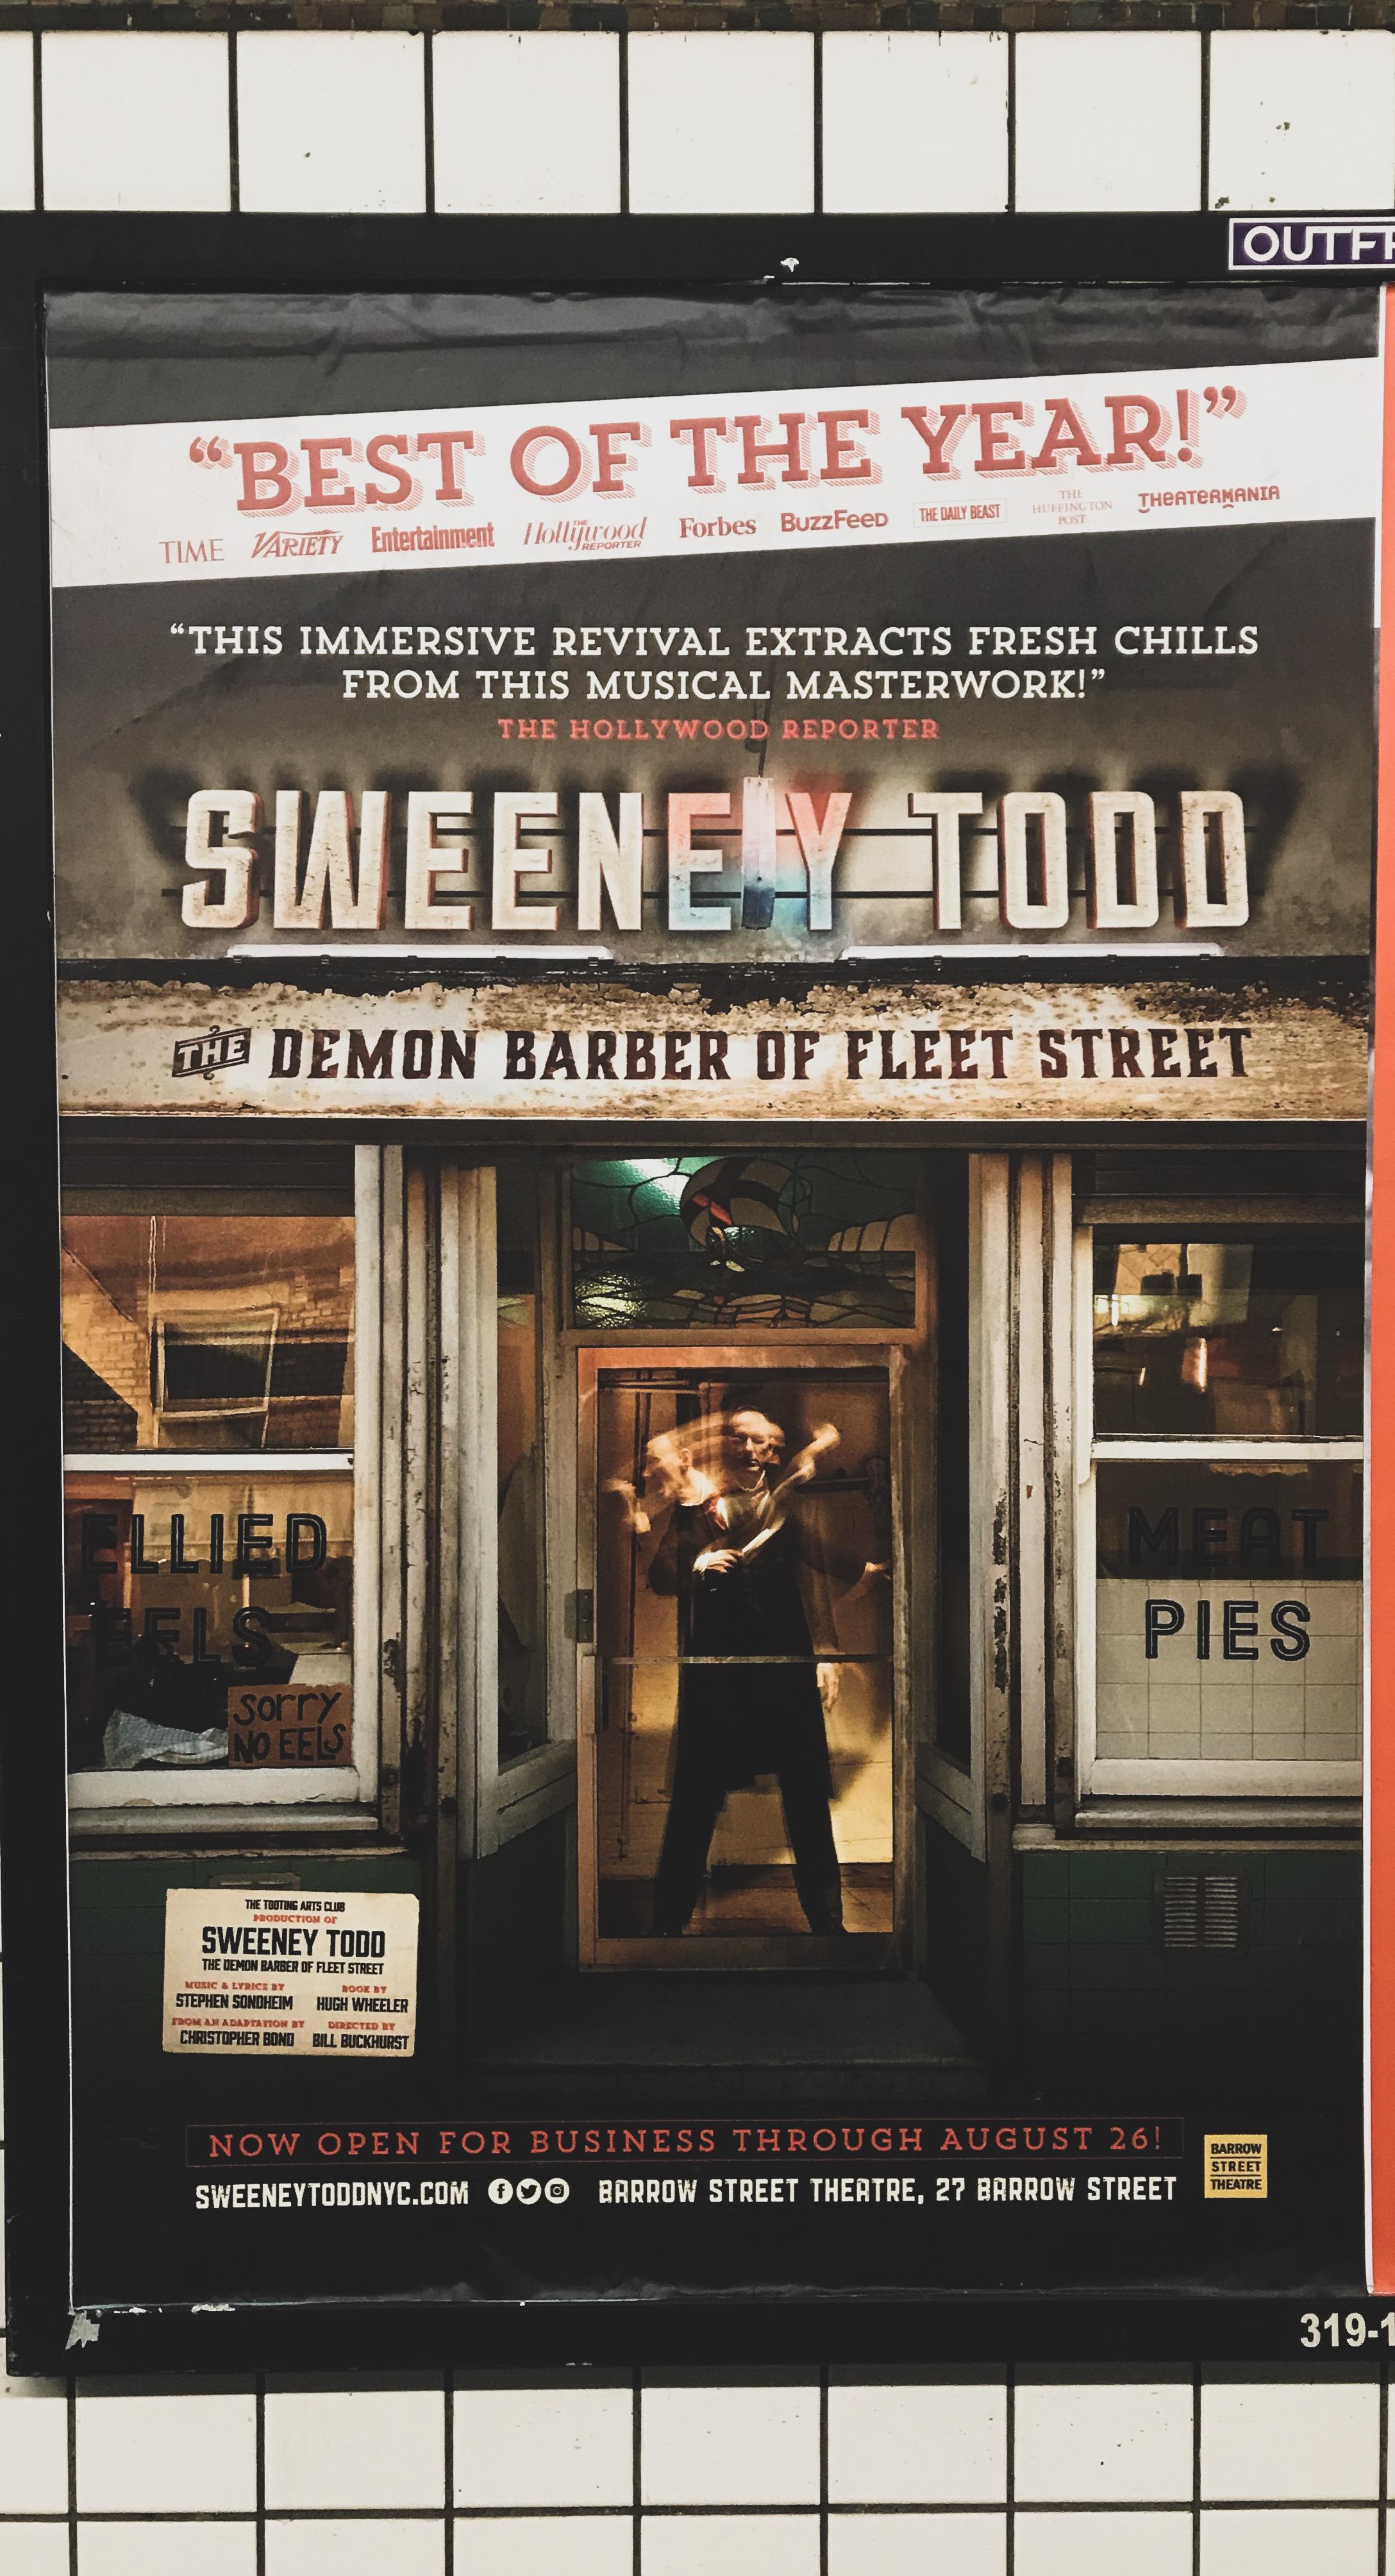 Sweeney Todd Subway Ad